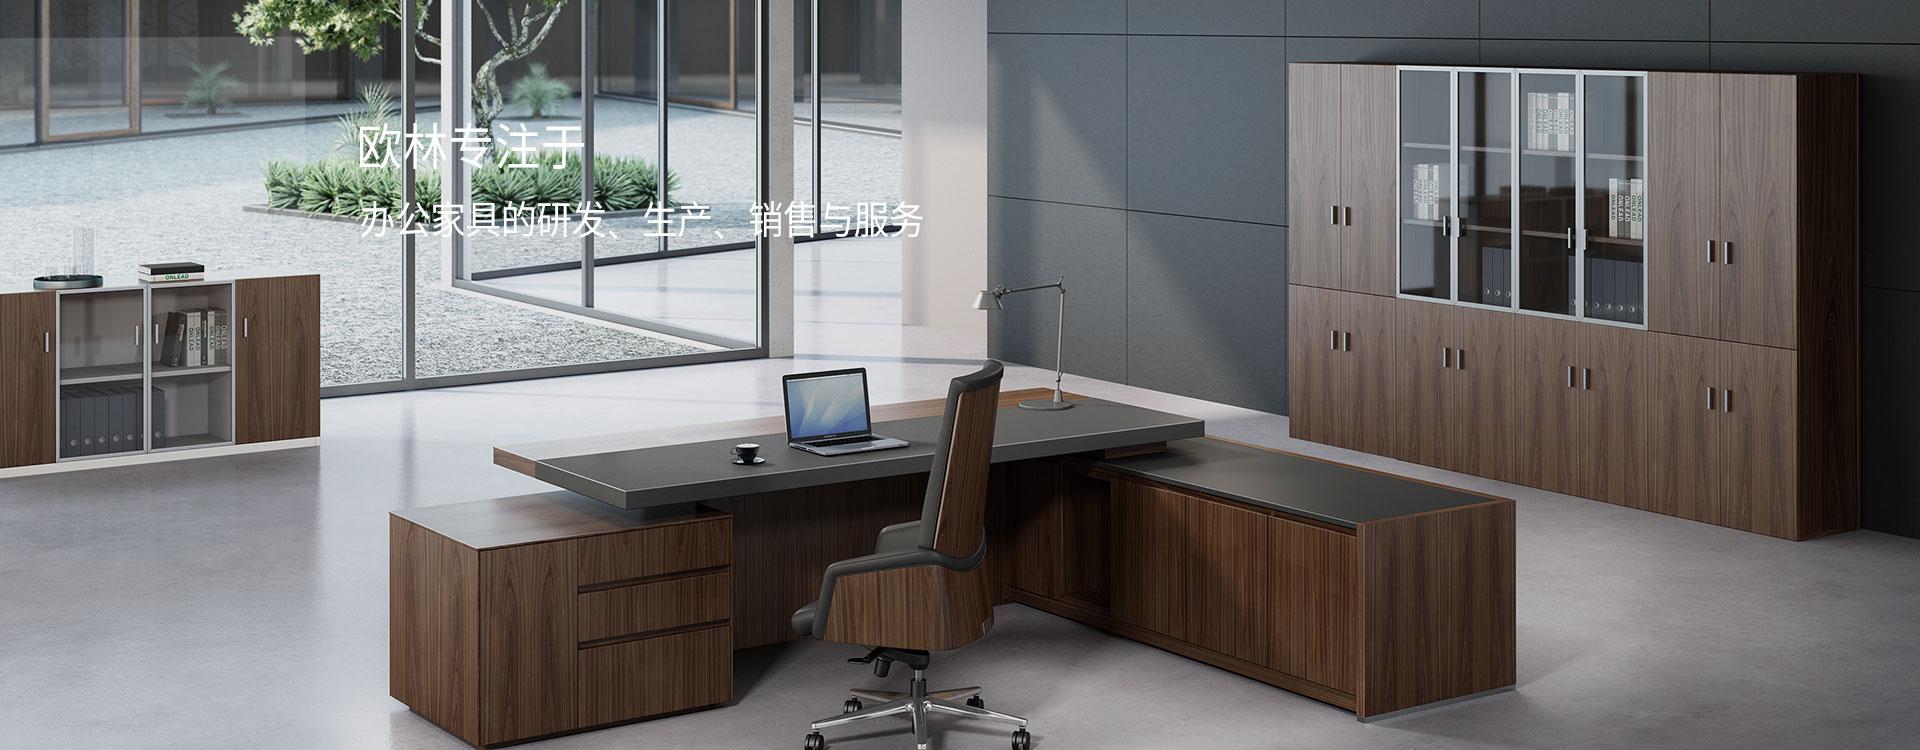 办公空间整体解决方案